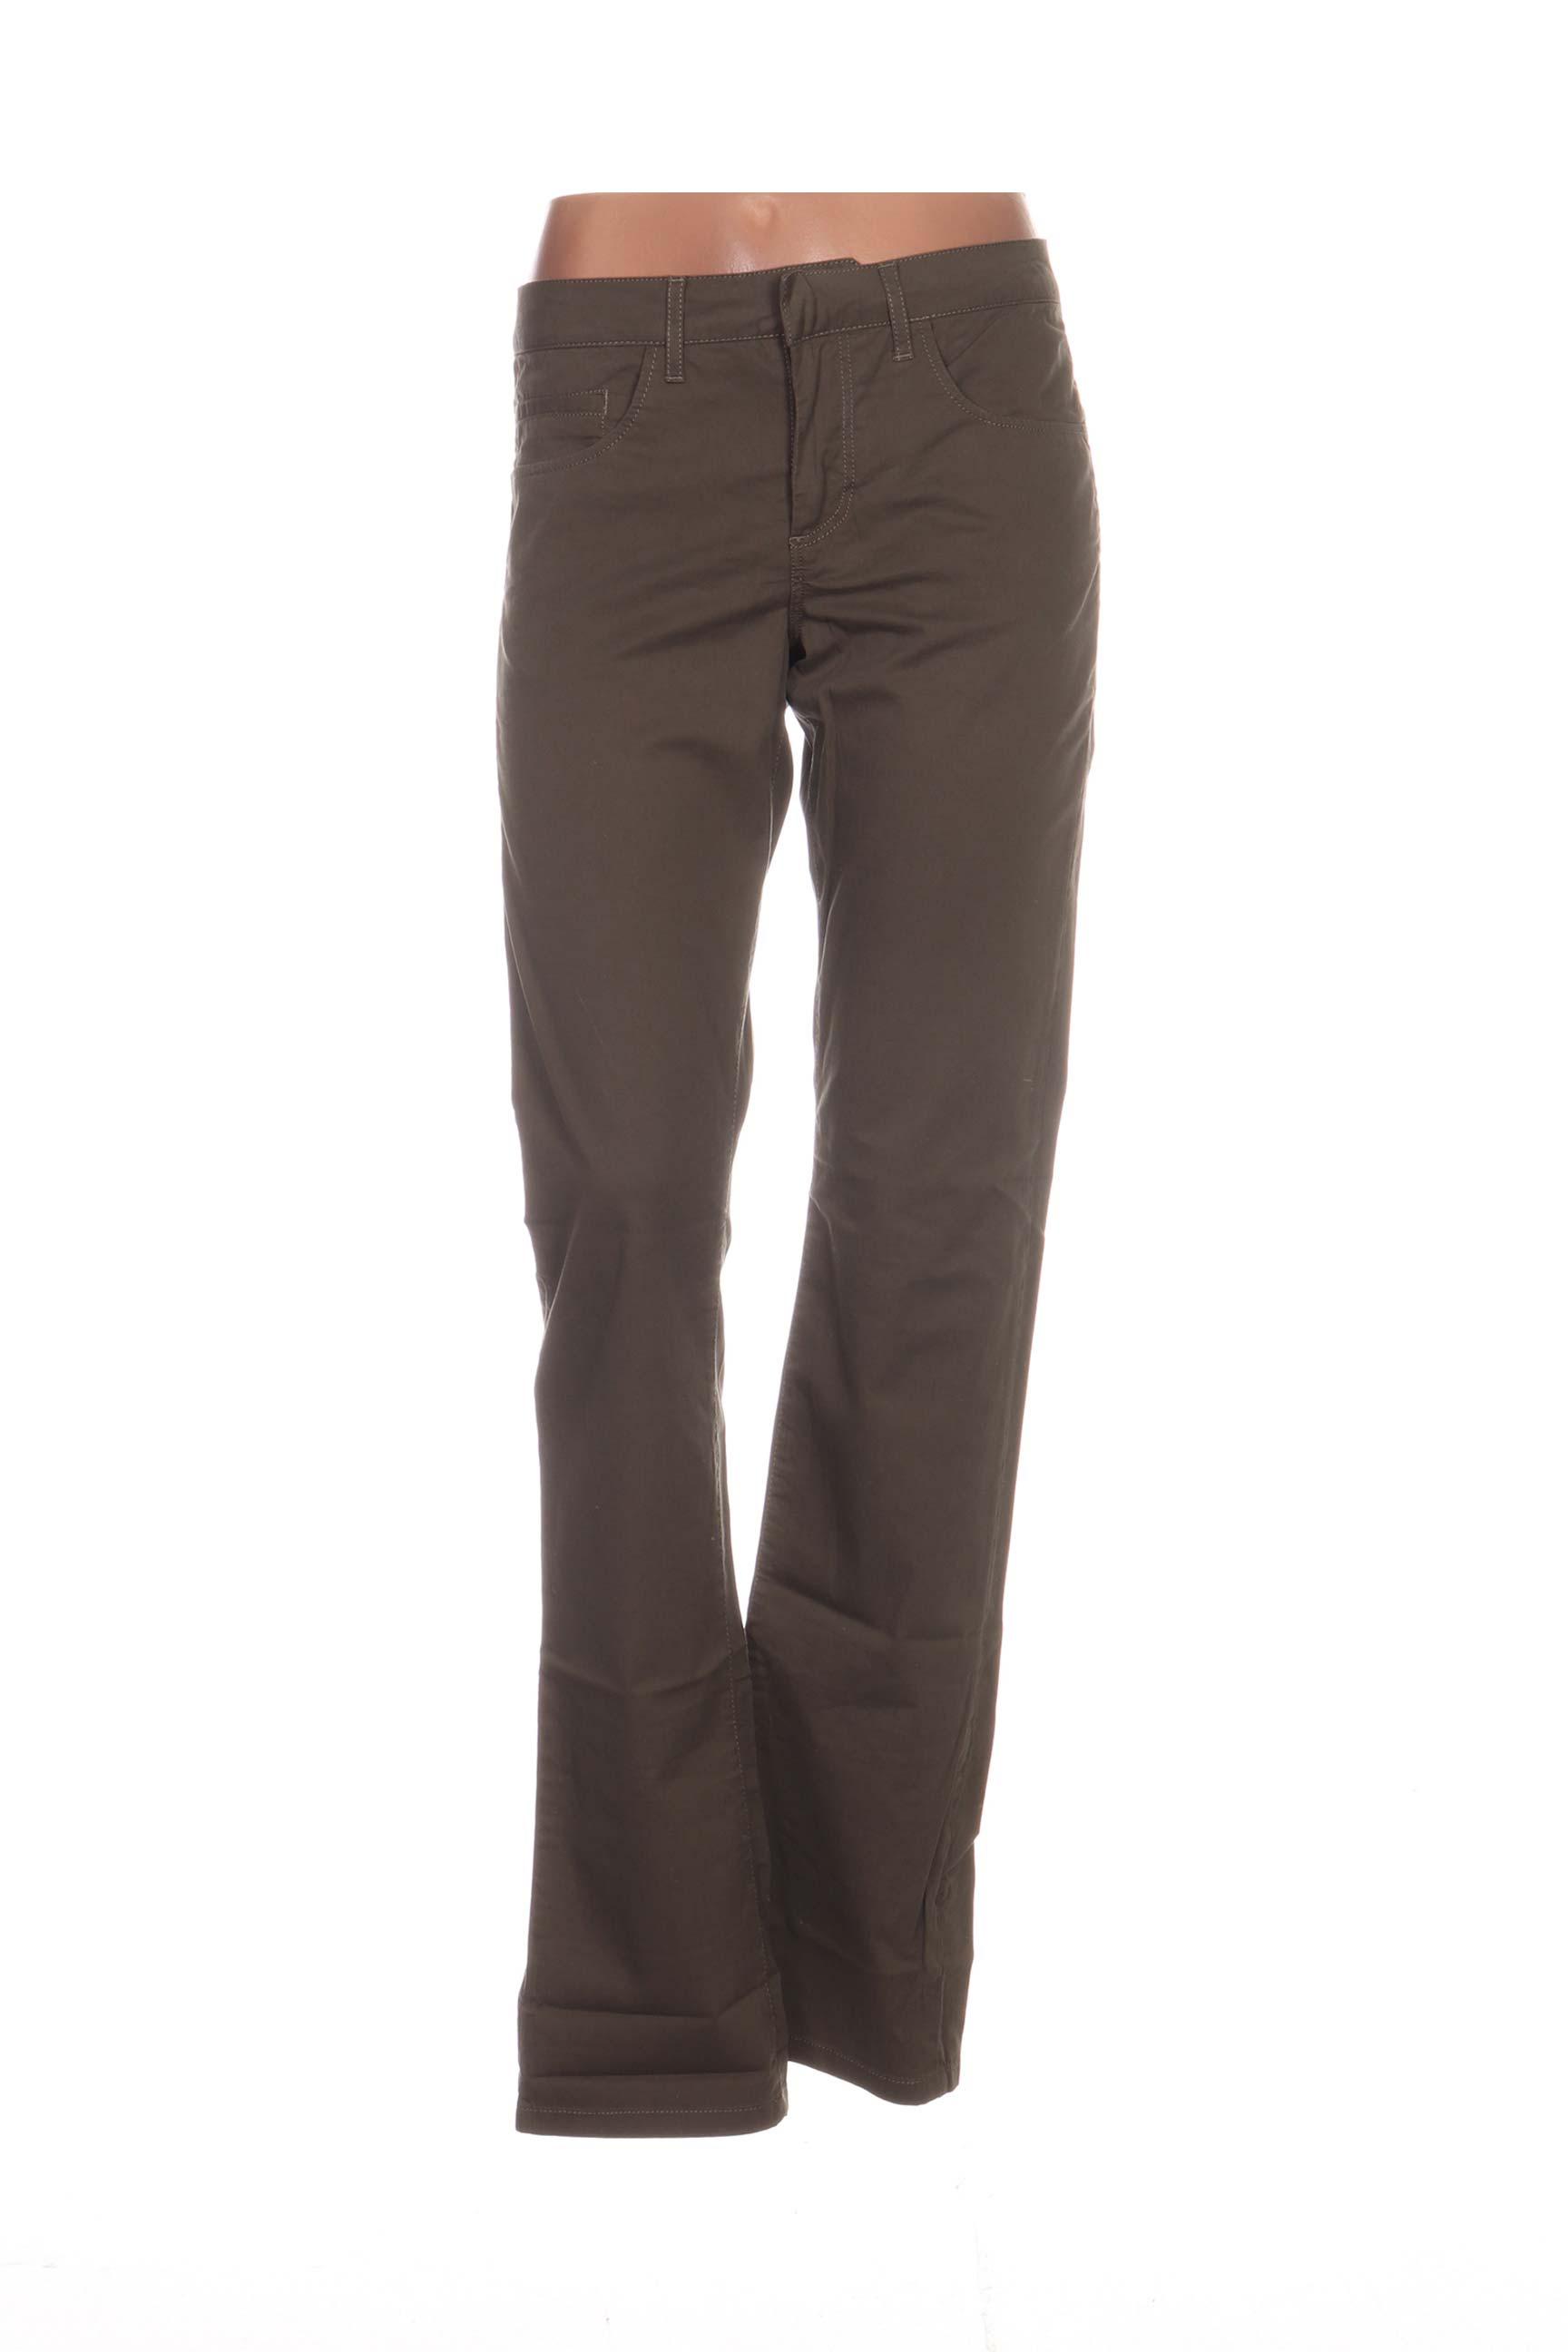 LACOSTE Pantalons Pantalons casual de couleur vert en soldes pas cher 1169286 vert00 Modz